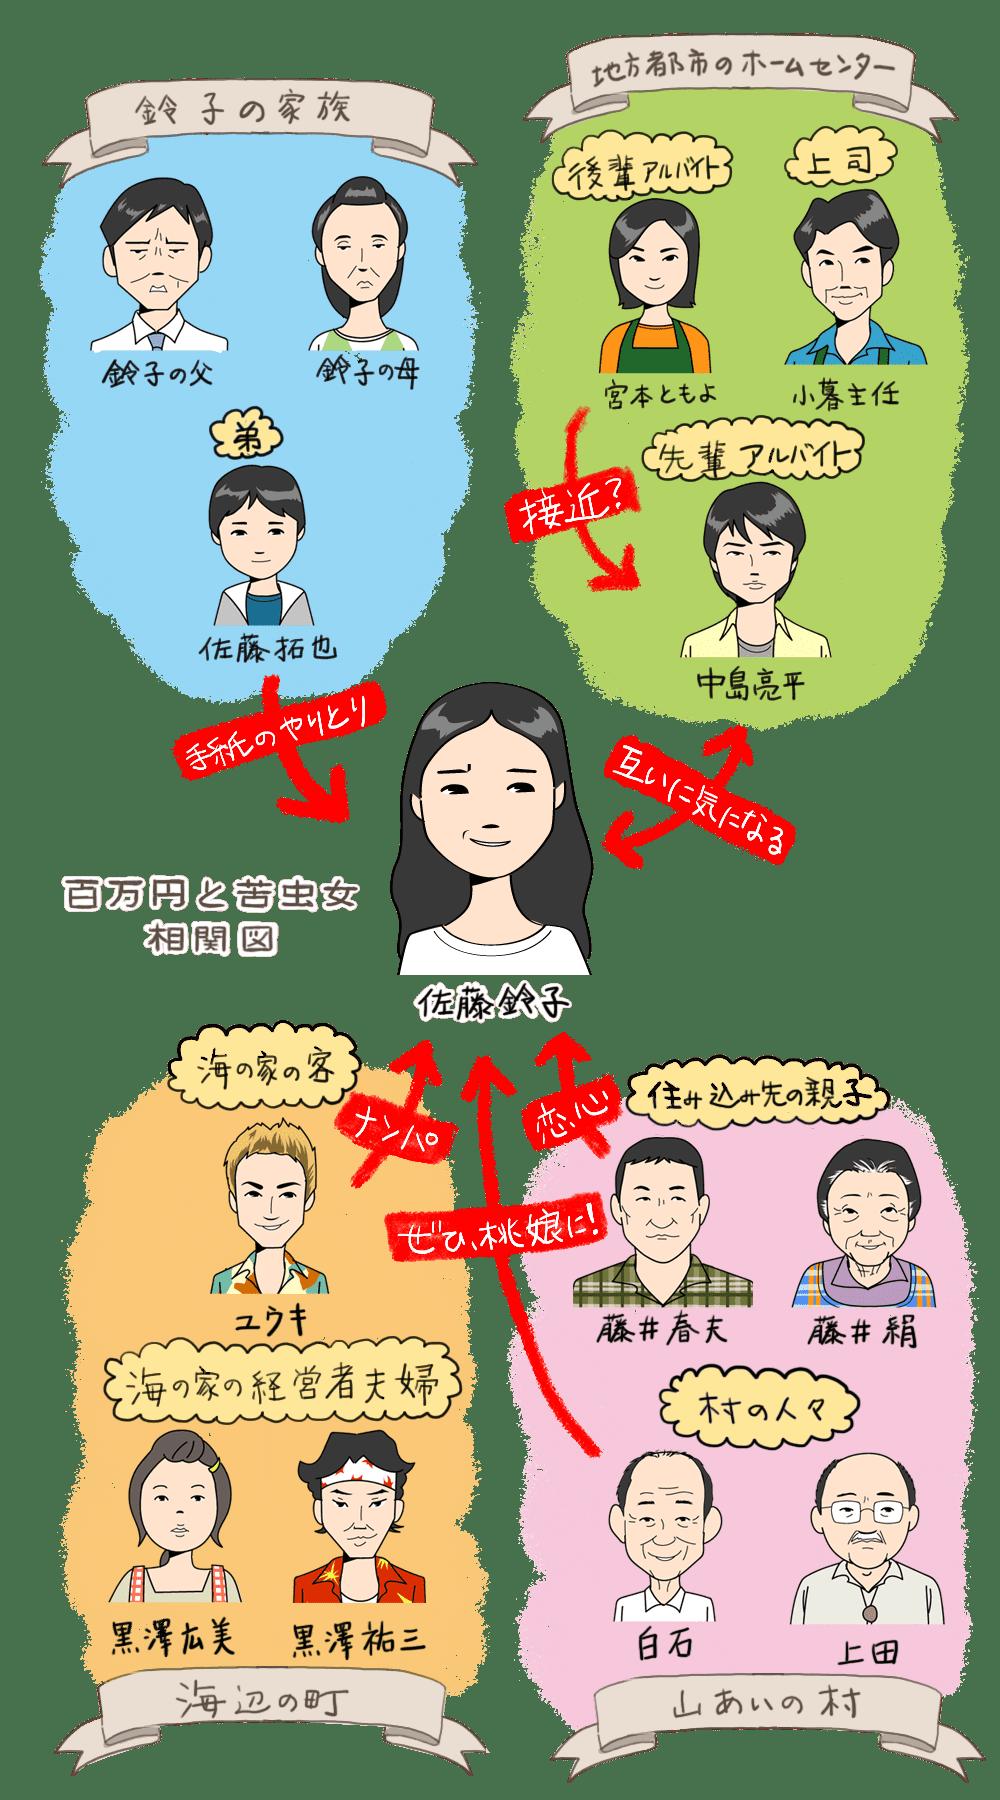 百万円と苦虫女の人物相関図